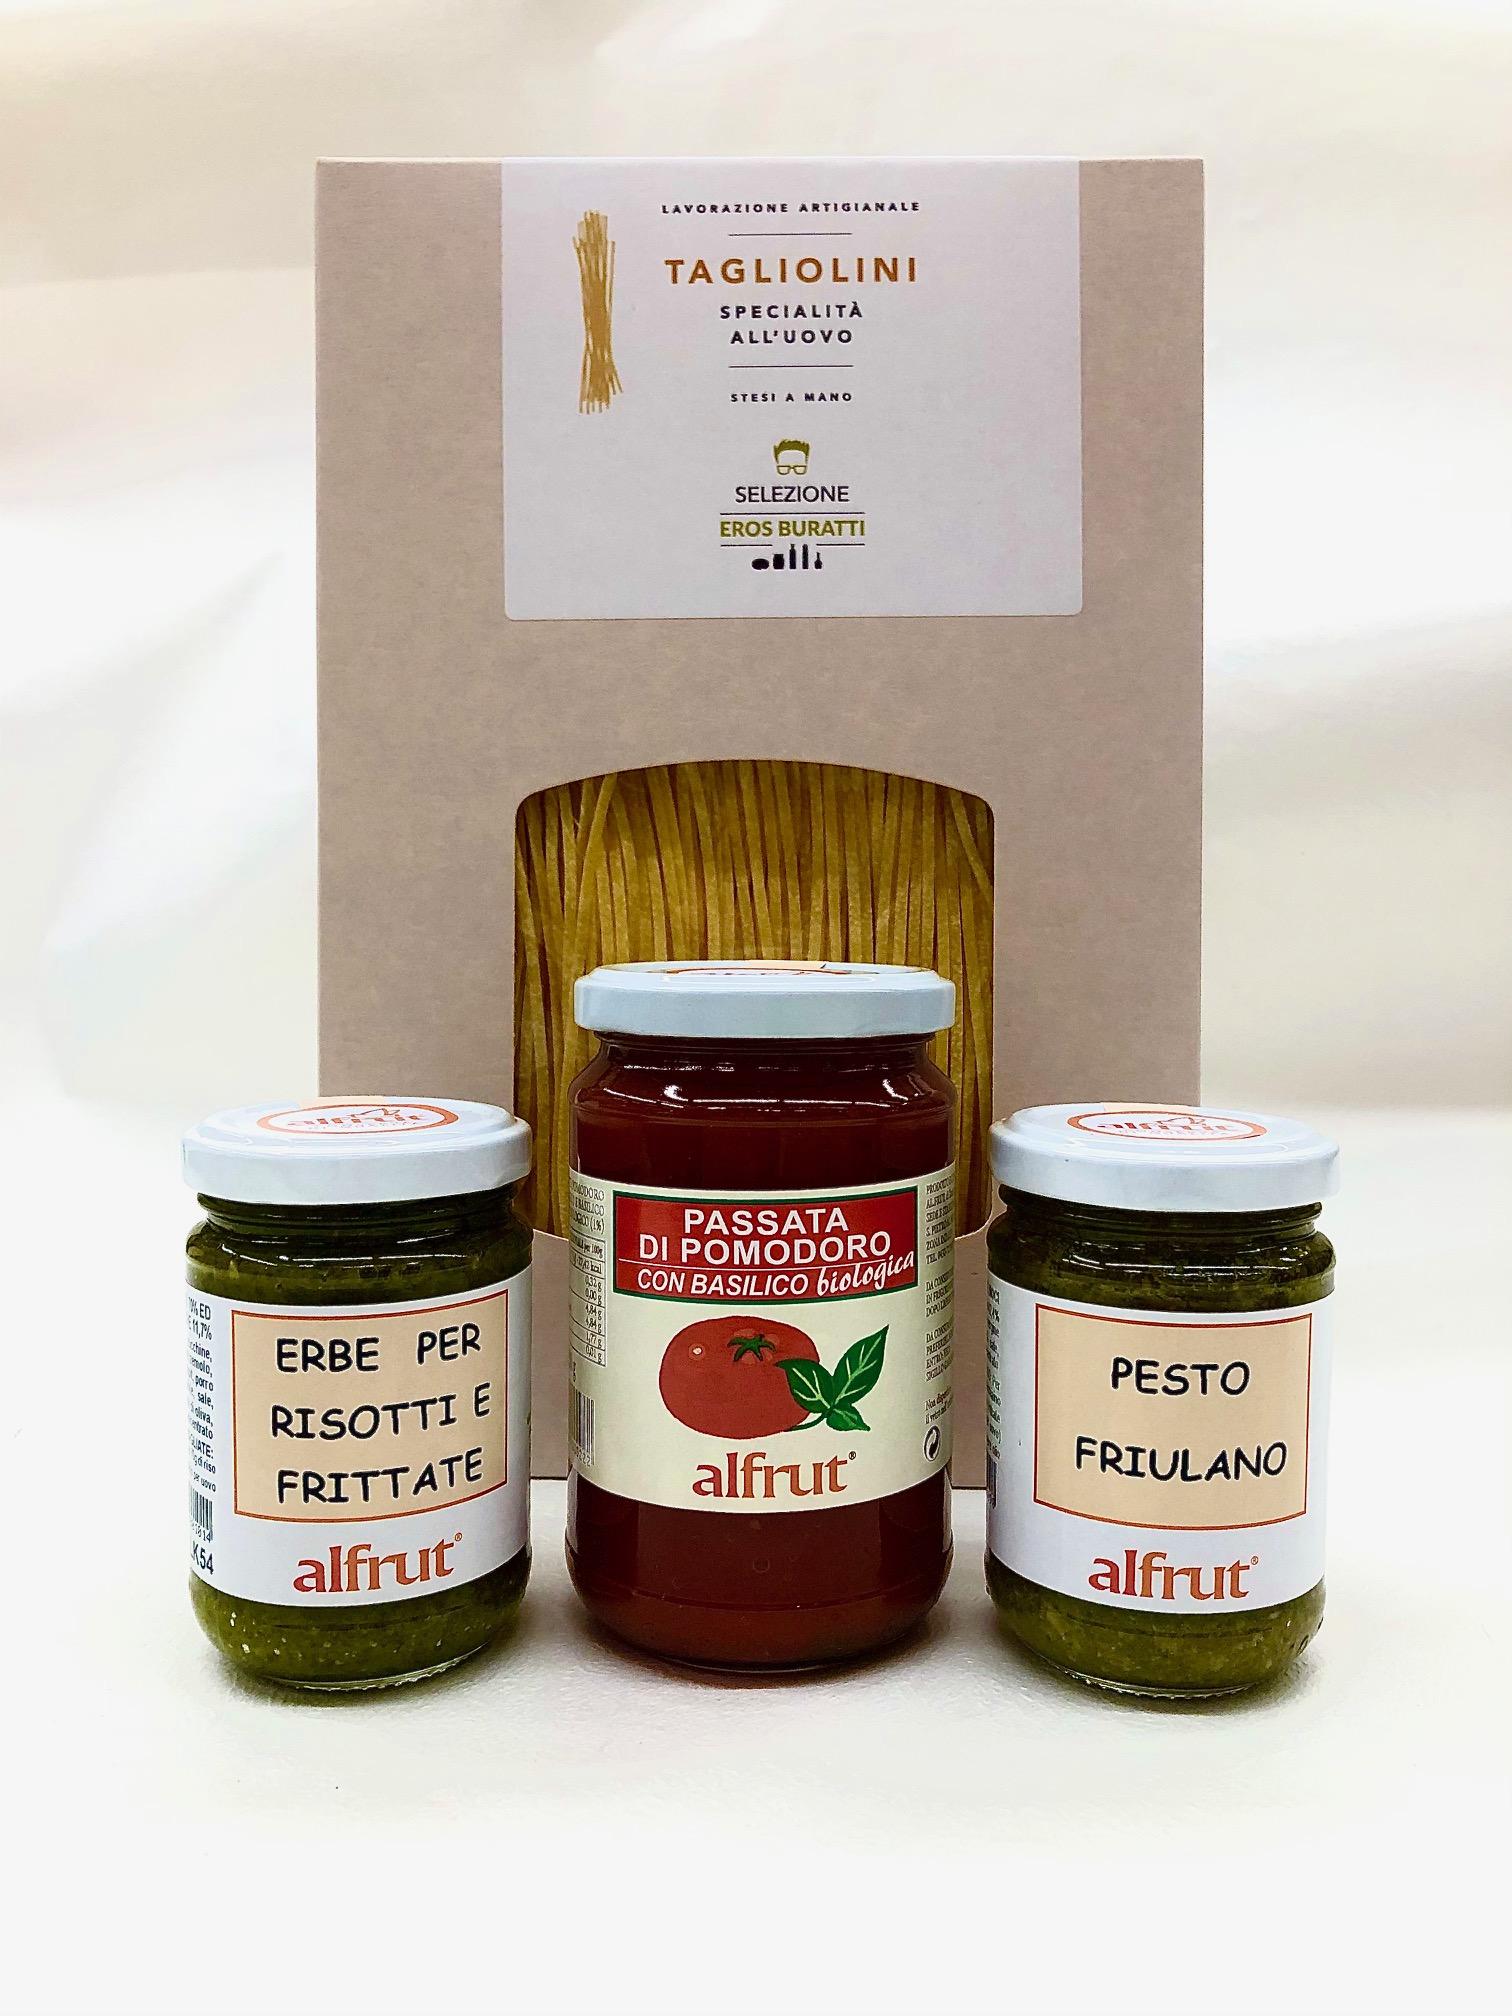 Pasta & condimenti made in Friuli